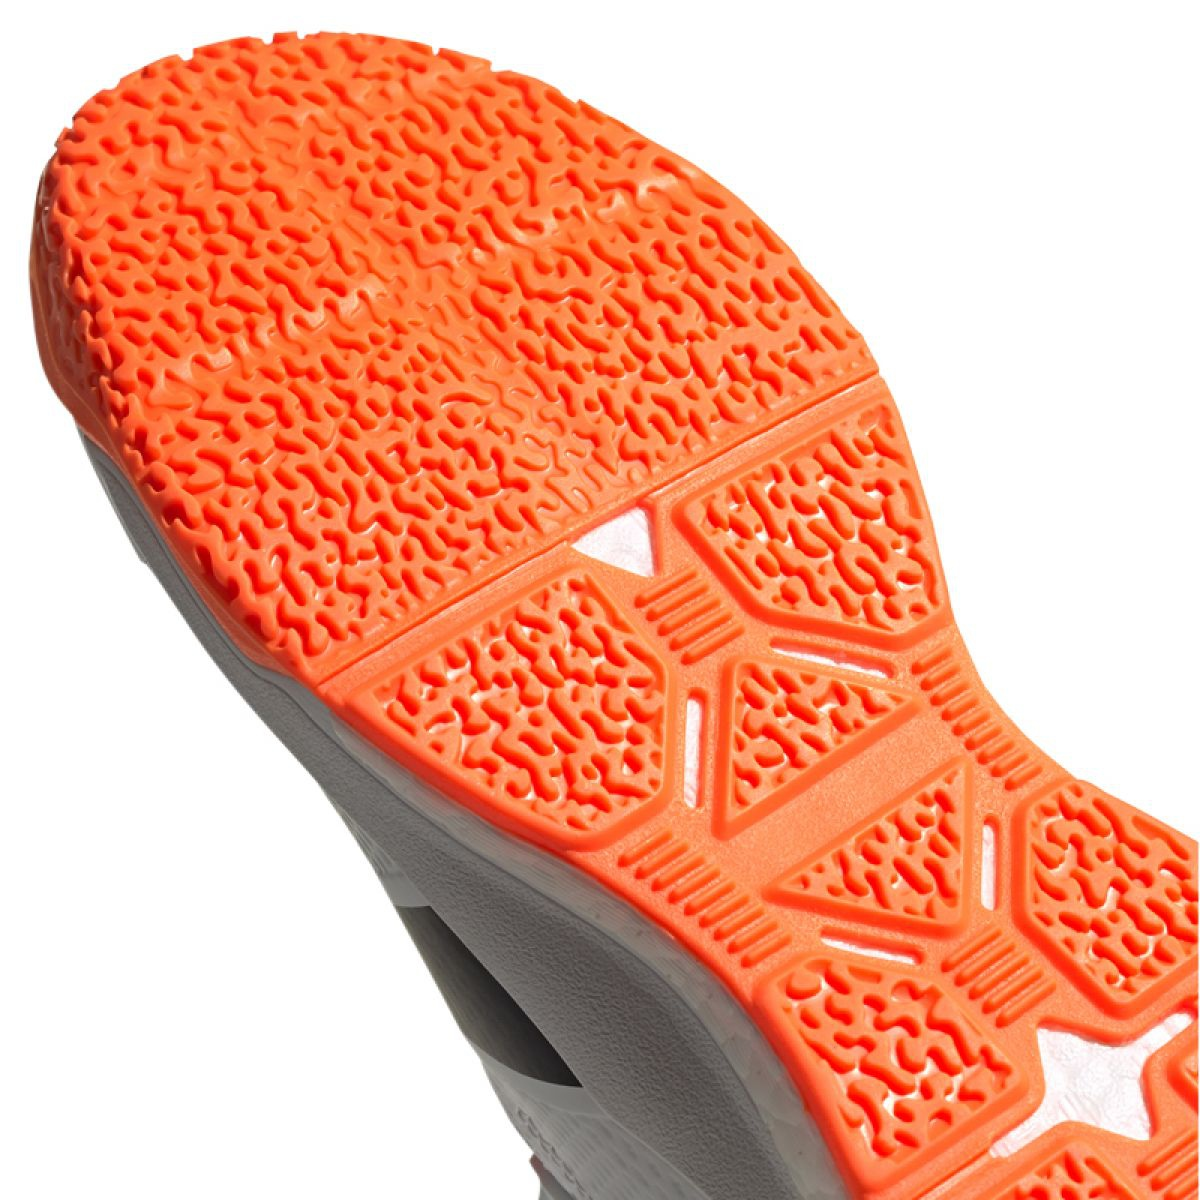 Adidas Stabil XM F33828 skor